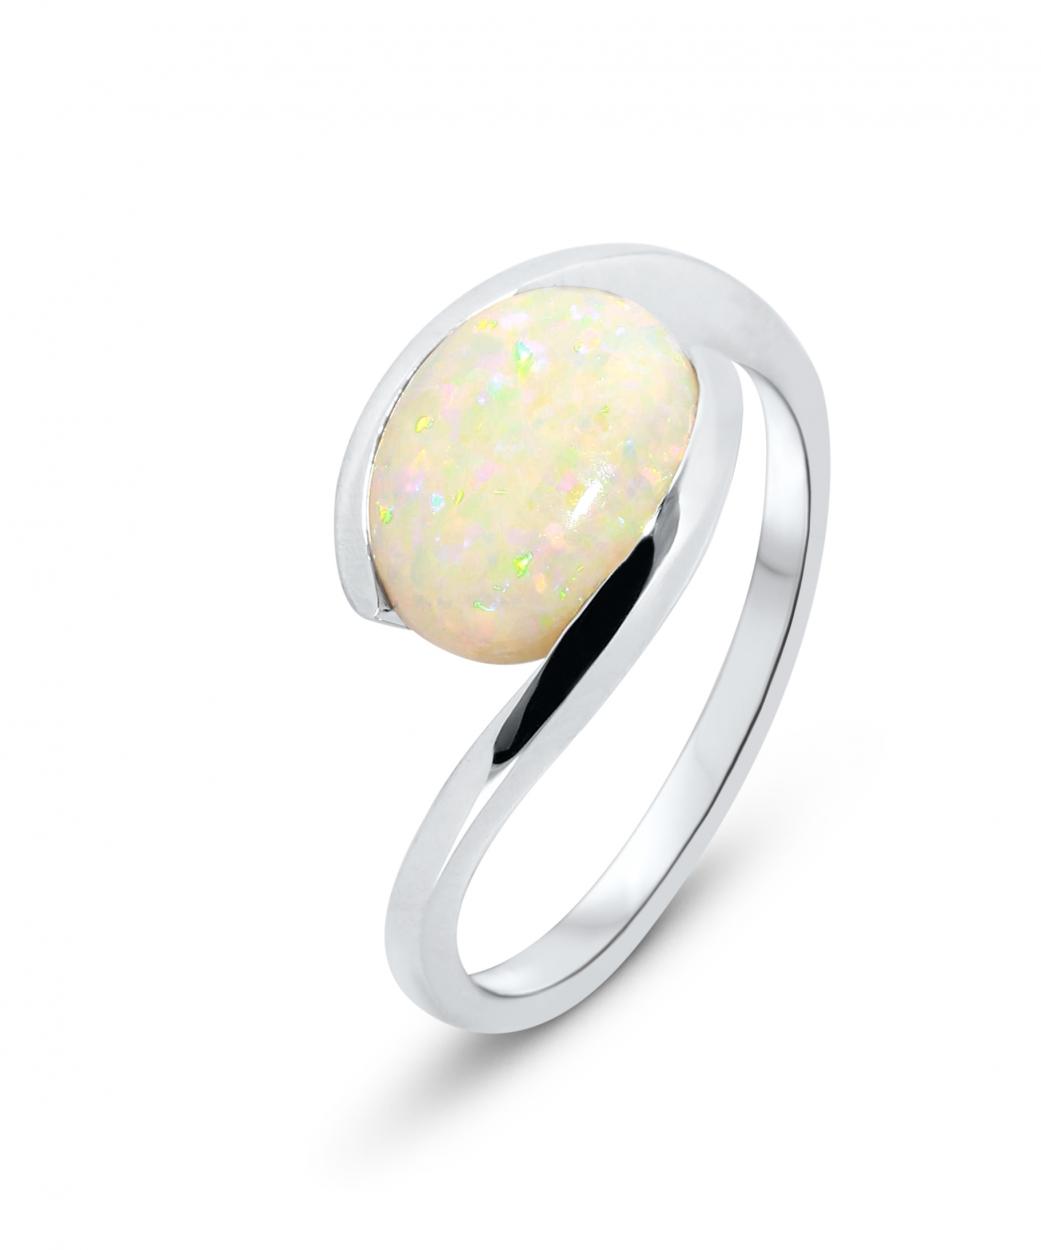 bague or blanc opale ovale 10x8mm ref 37157. Black Bedroom Furniture Sets. Home Design Ideas